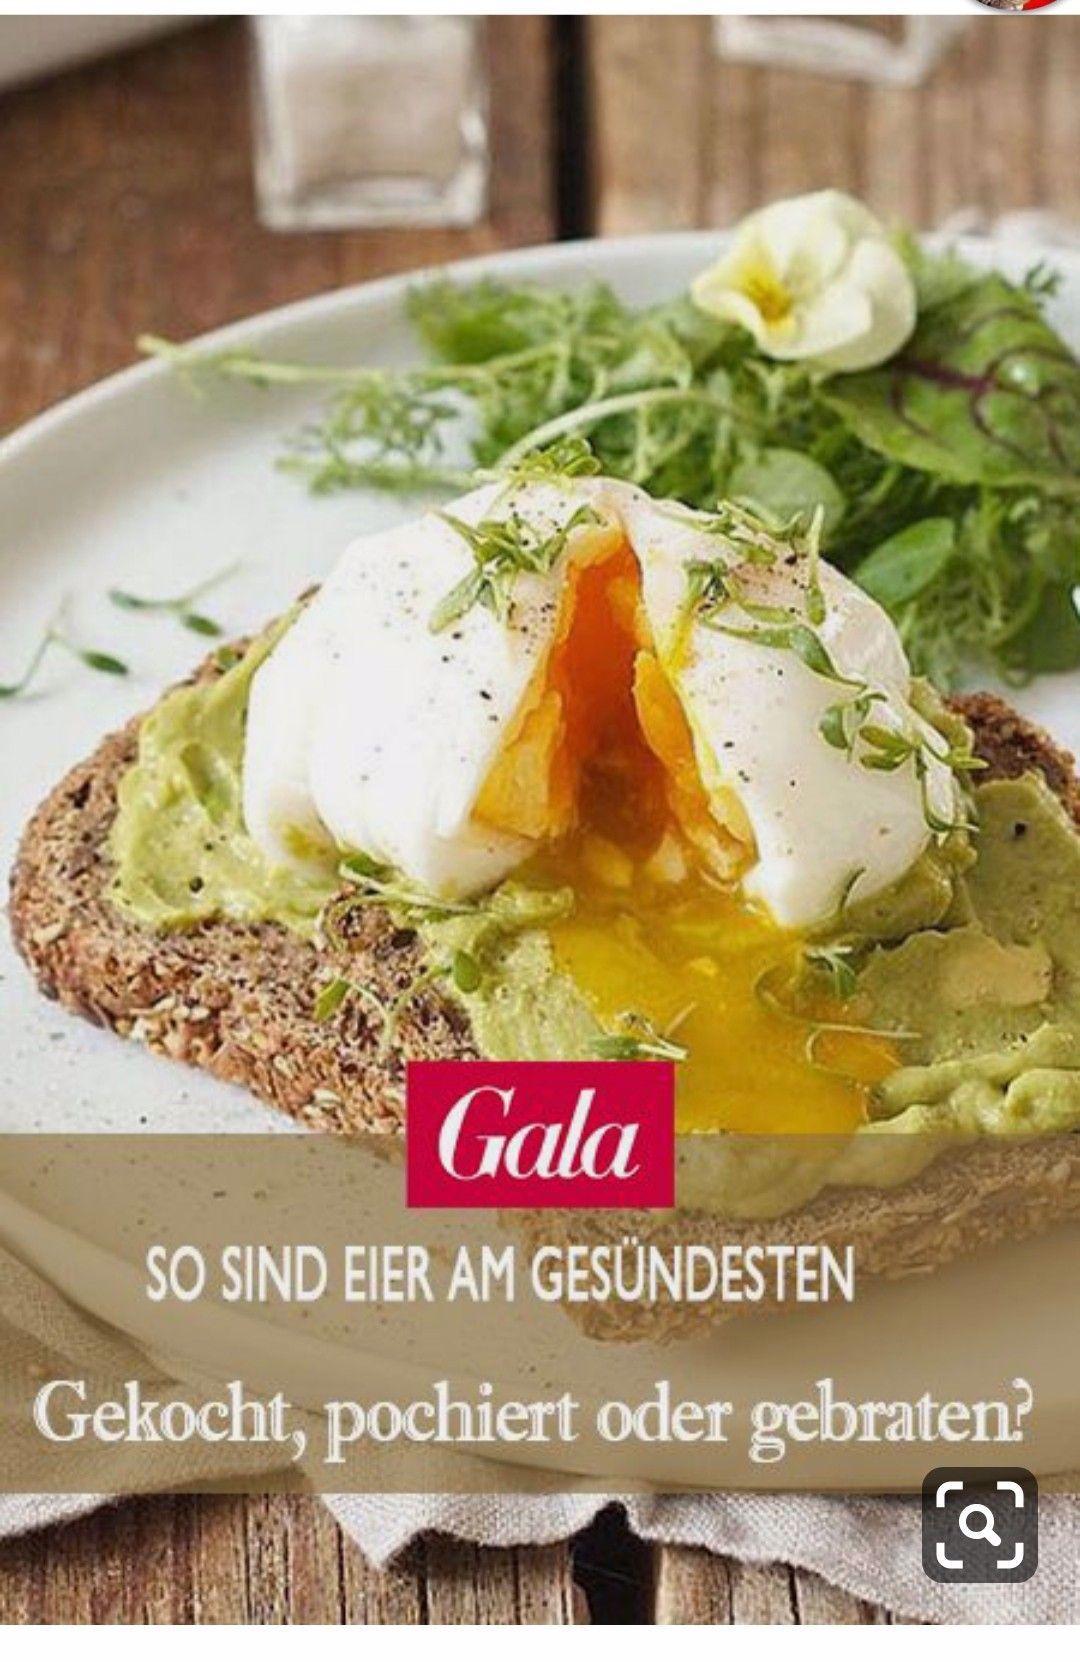 Das Frühstücksei am Morgen gehört für viele zu einem guten Start ins Wochenende einfach dazu. Doch w...